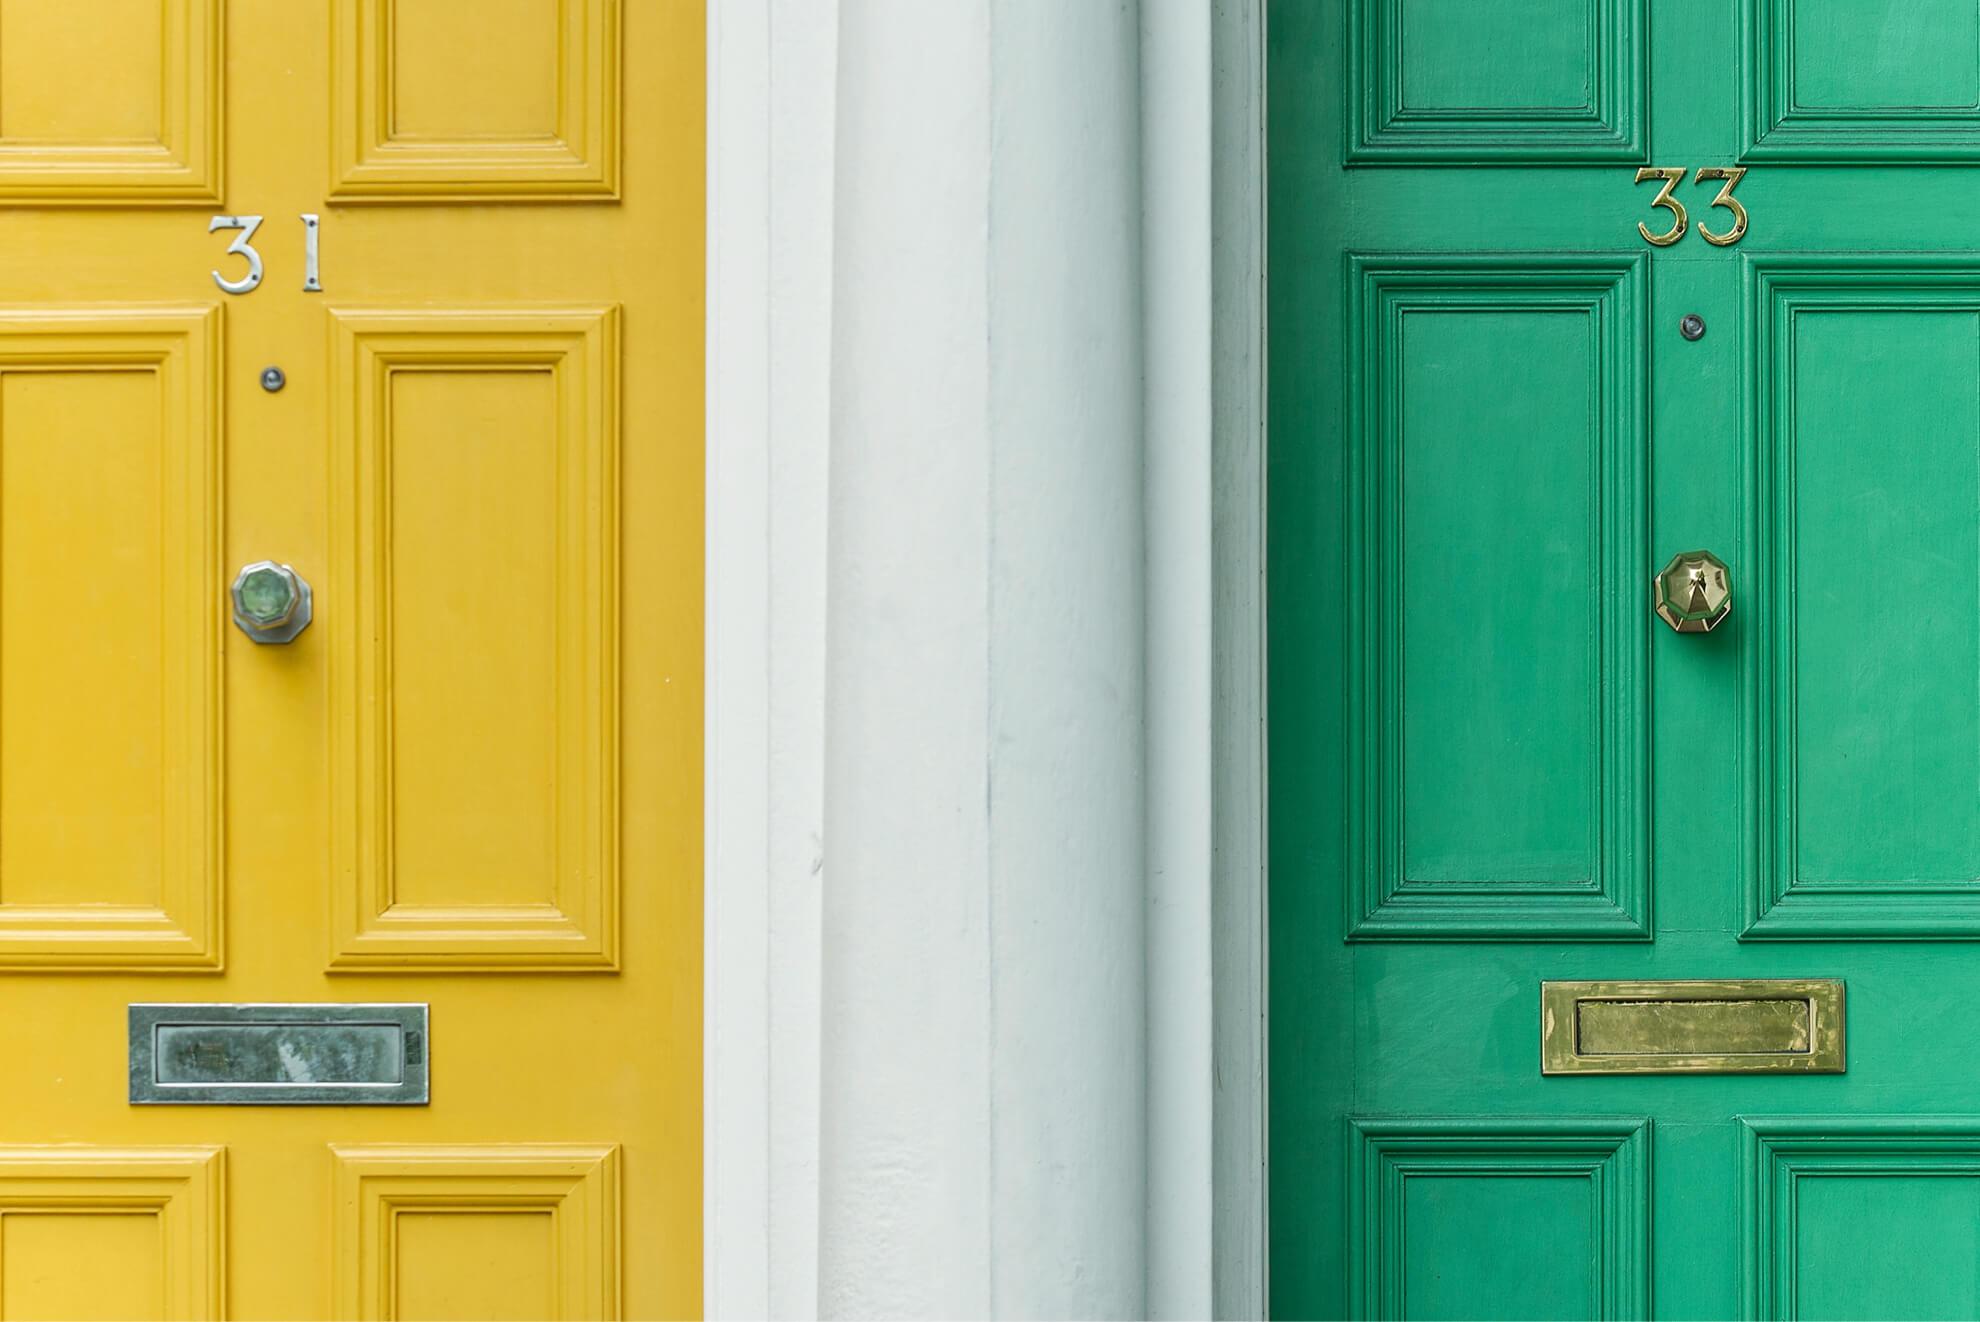 The UK Property market